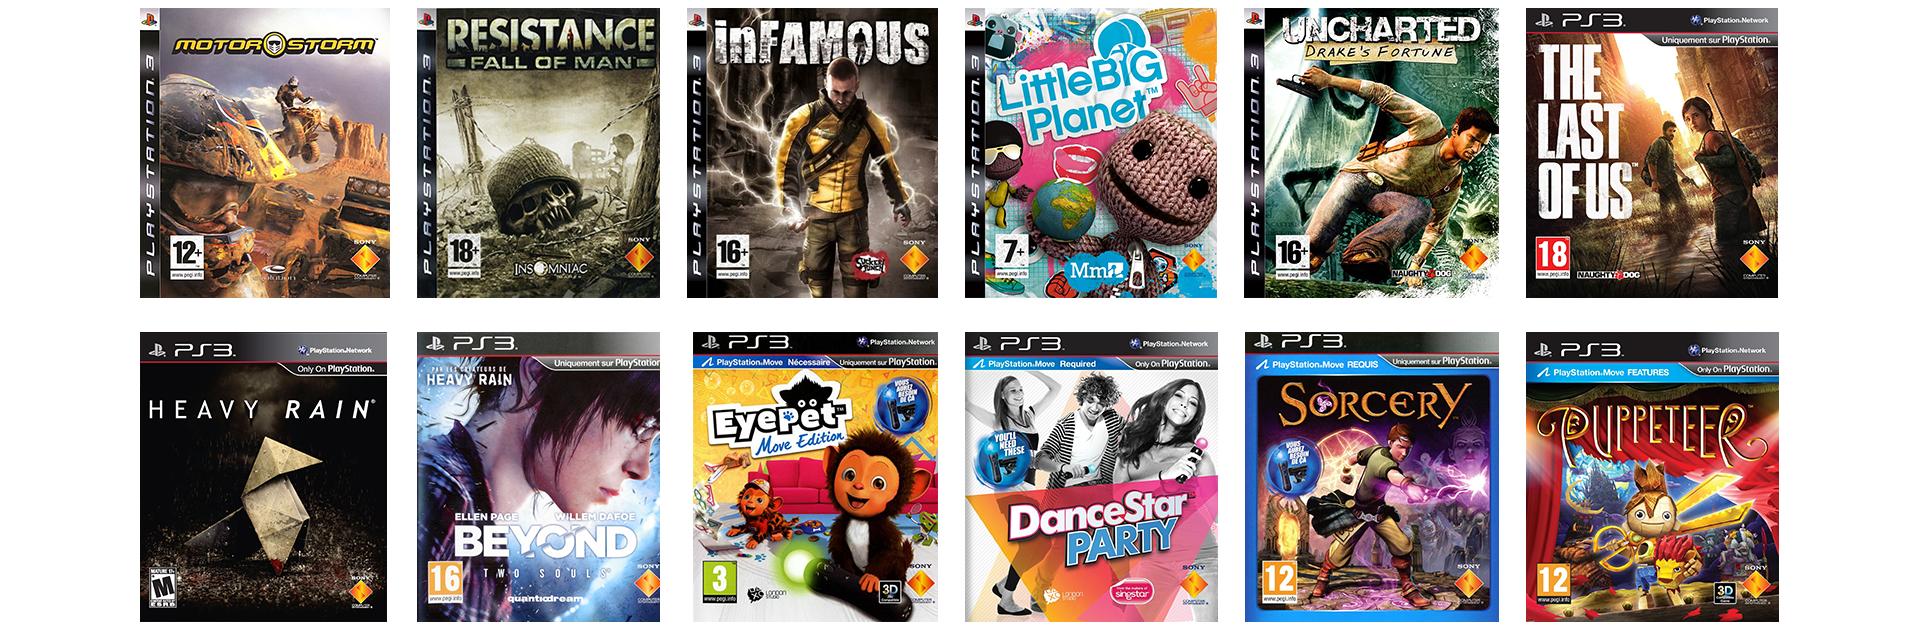 Jeux Exclusifs PS3